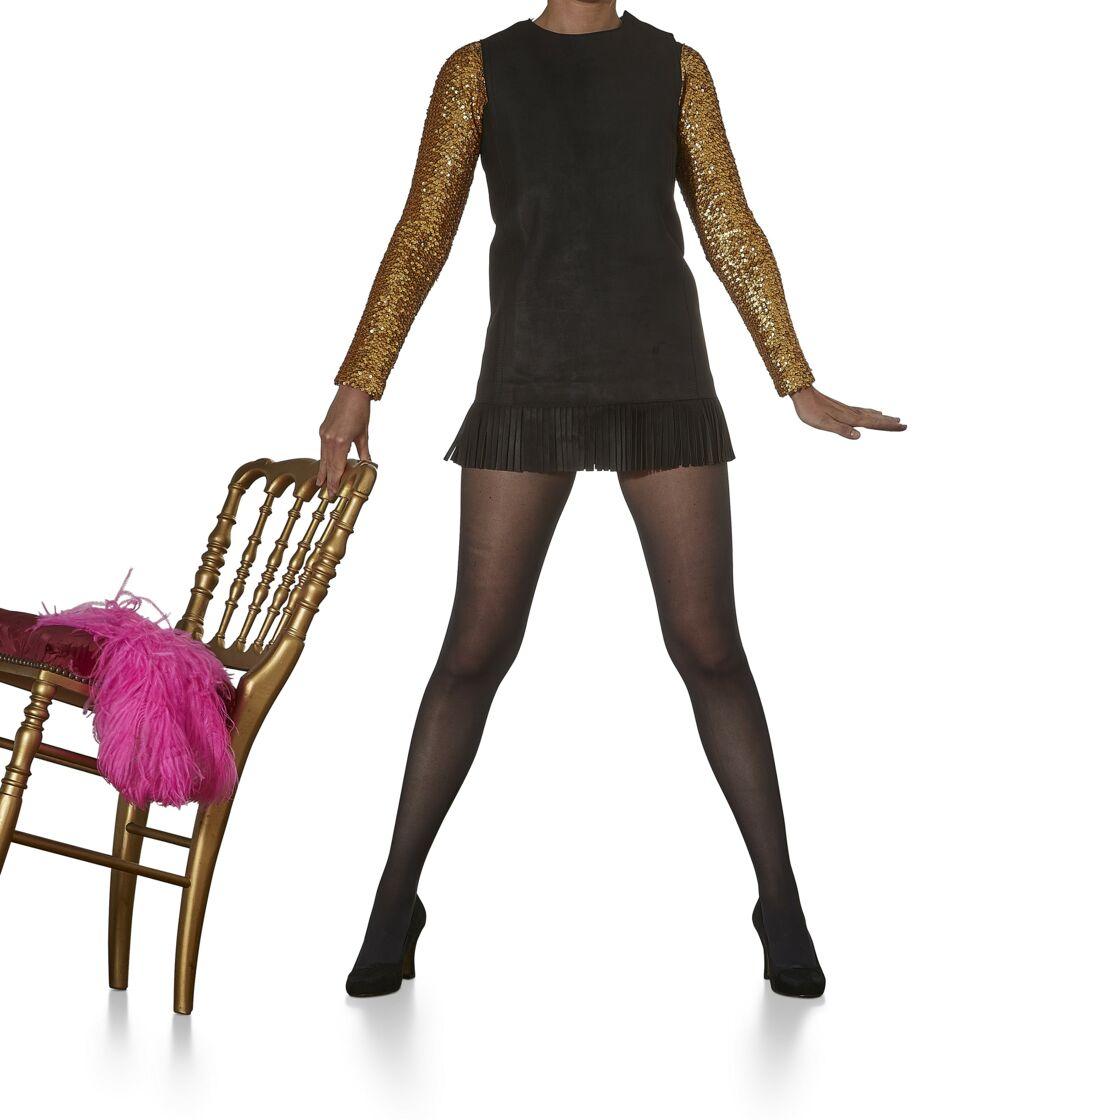 Robe tunique courte en daim noir frangé avec deux tops, manches brodées de sequins, Yves saint Laurent, collection haute couture automne-hiver 1969-1970. Estimation : 2000-3000 €